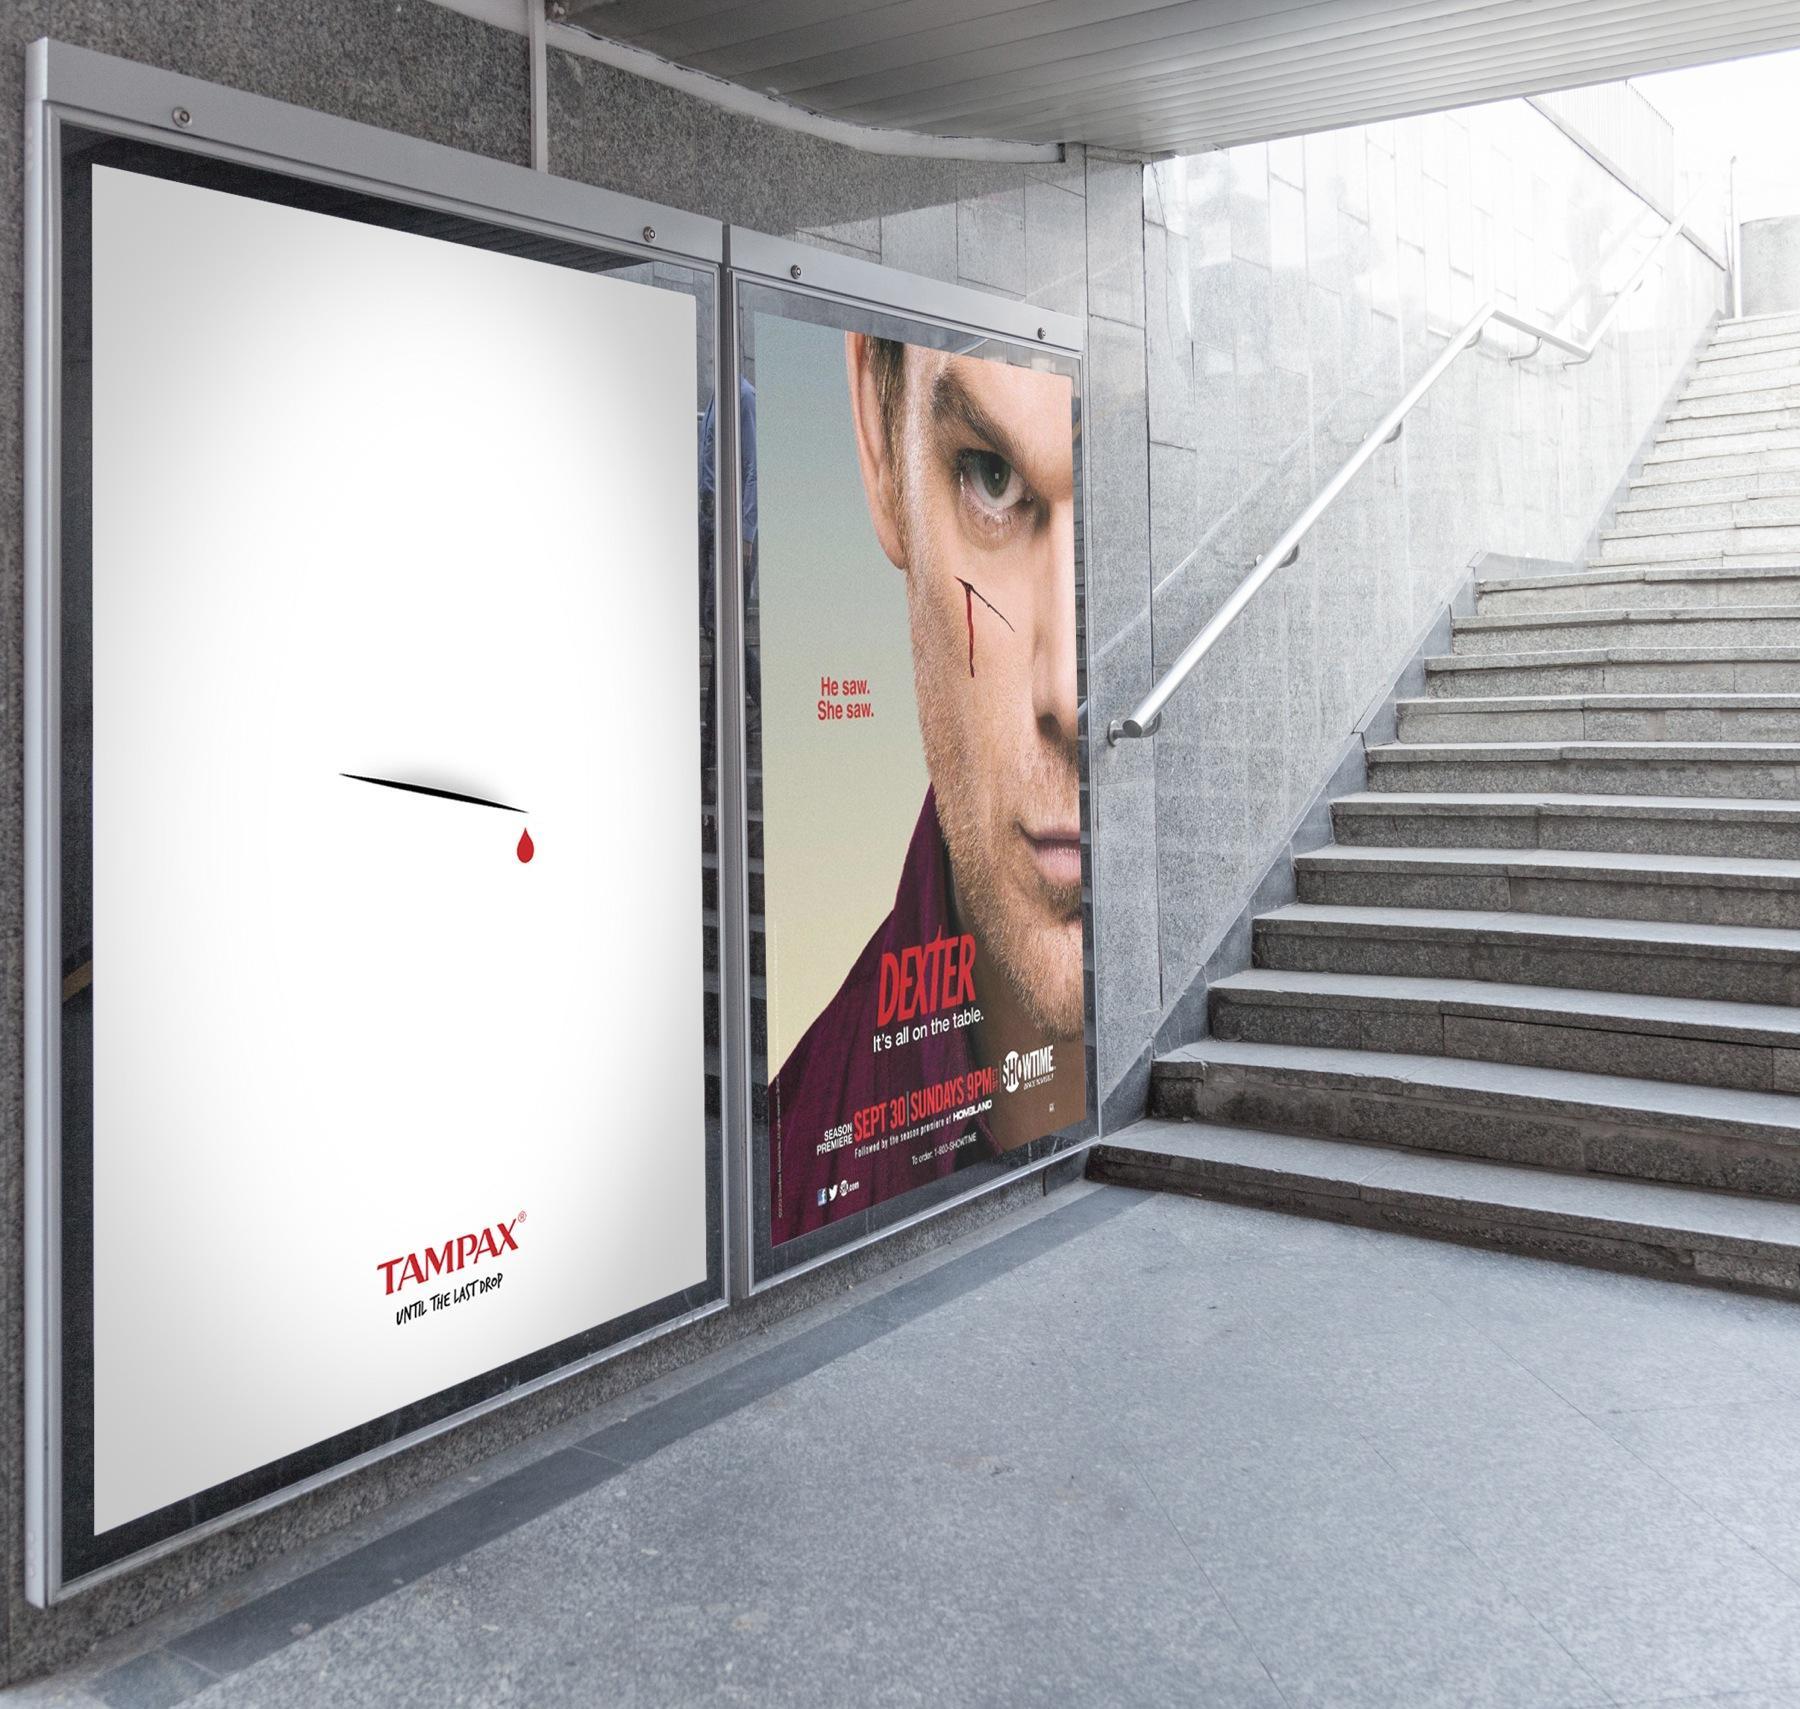 Tampax Outdoor Ad -  Dexter